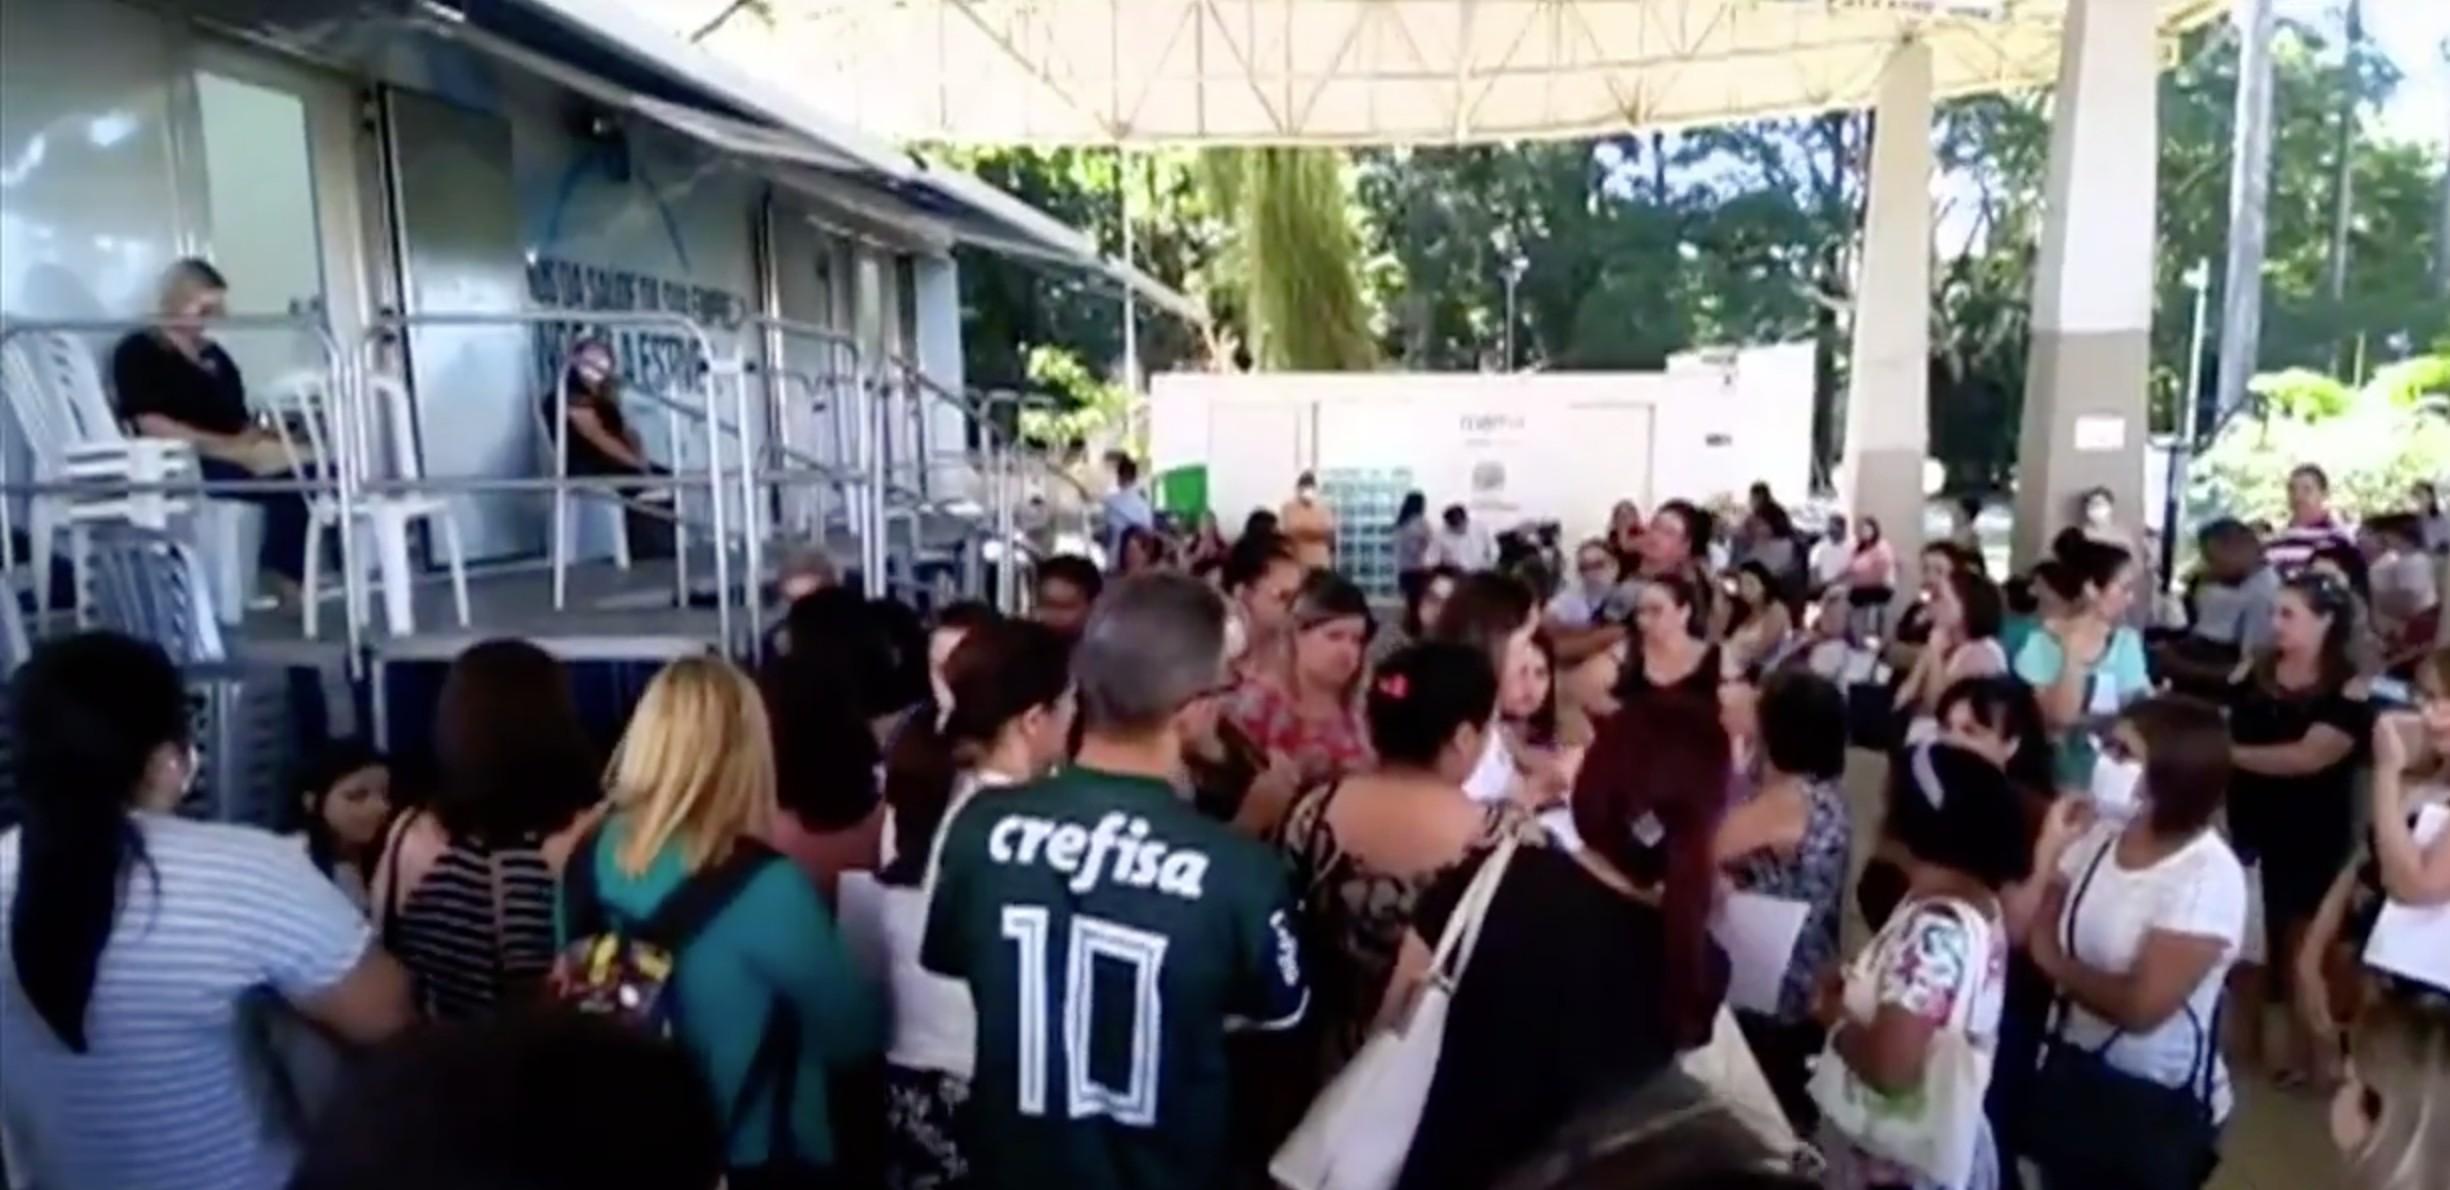 Fila para exame gera aglomeração no Parque da Cidade em São José